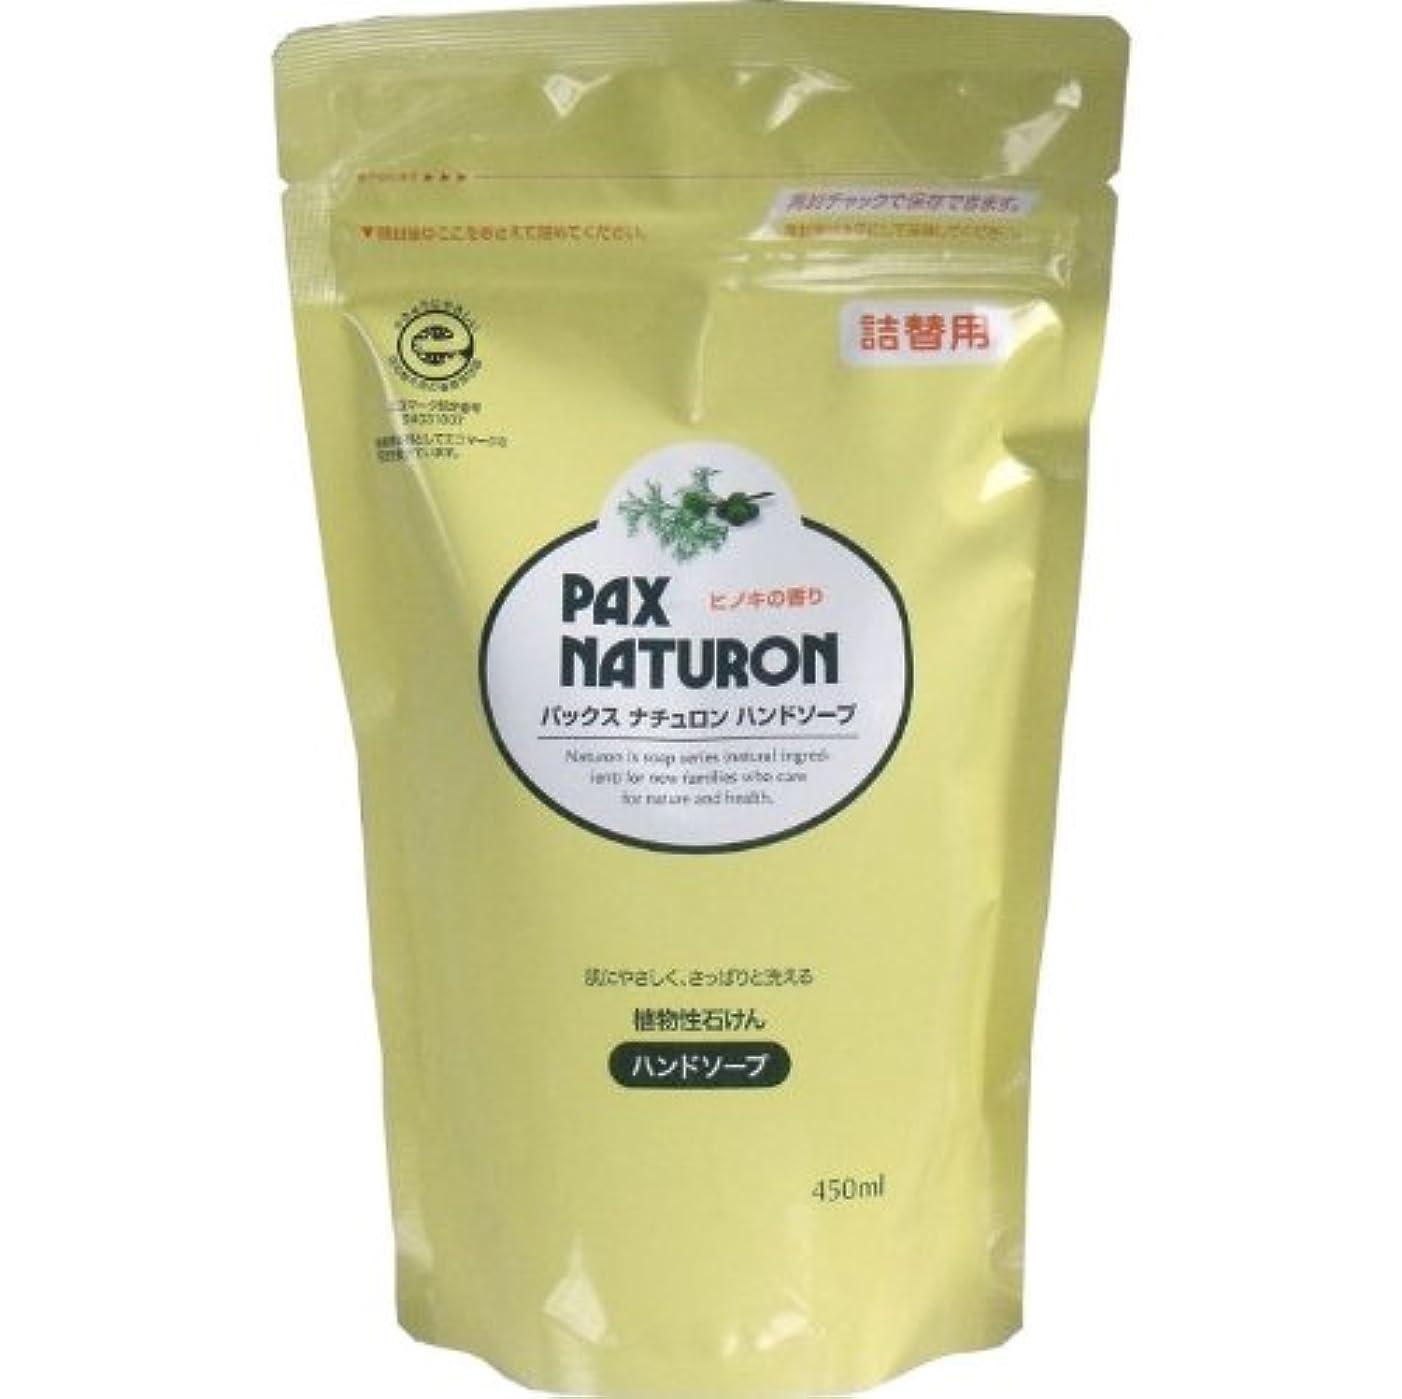 バズグローバル後悔肌にやさしく、さっぱりと洗える植物性石けん!植物性ハンドソープ 詰替用 450mL